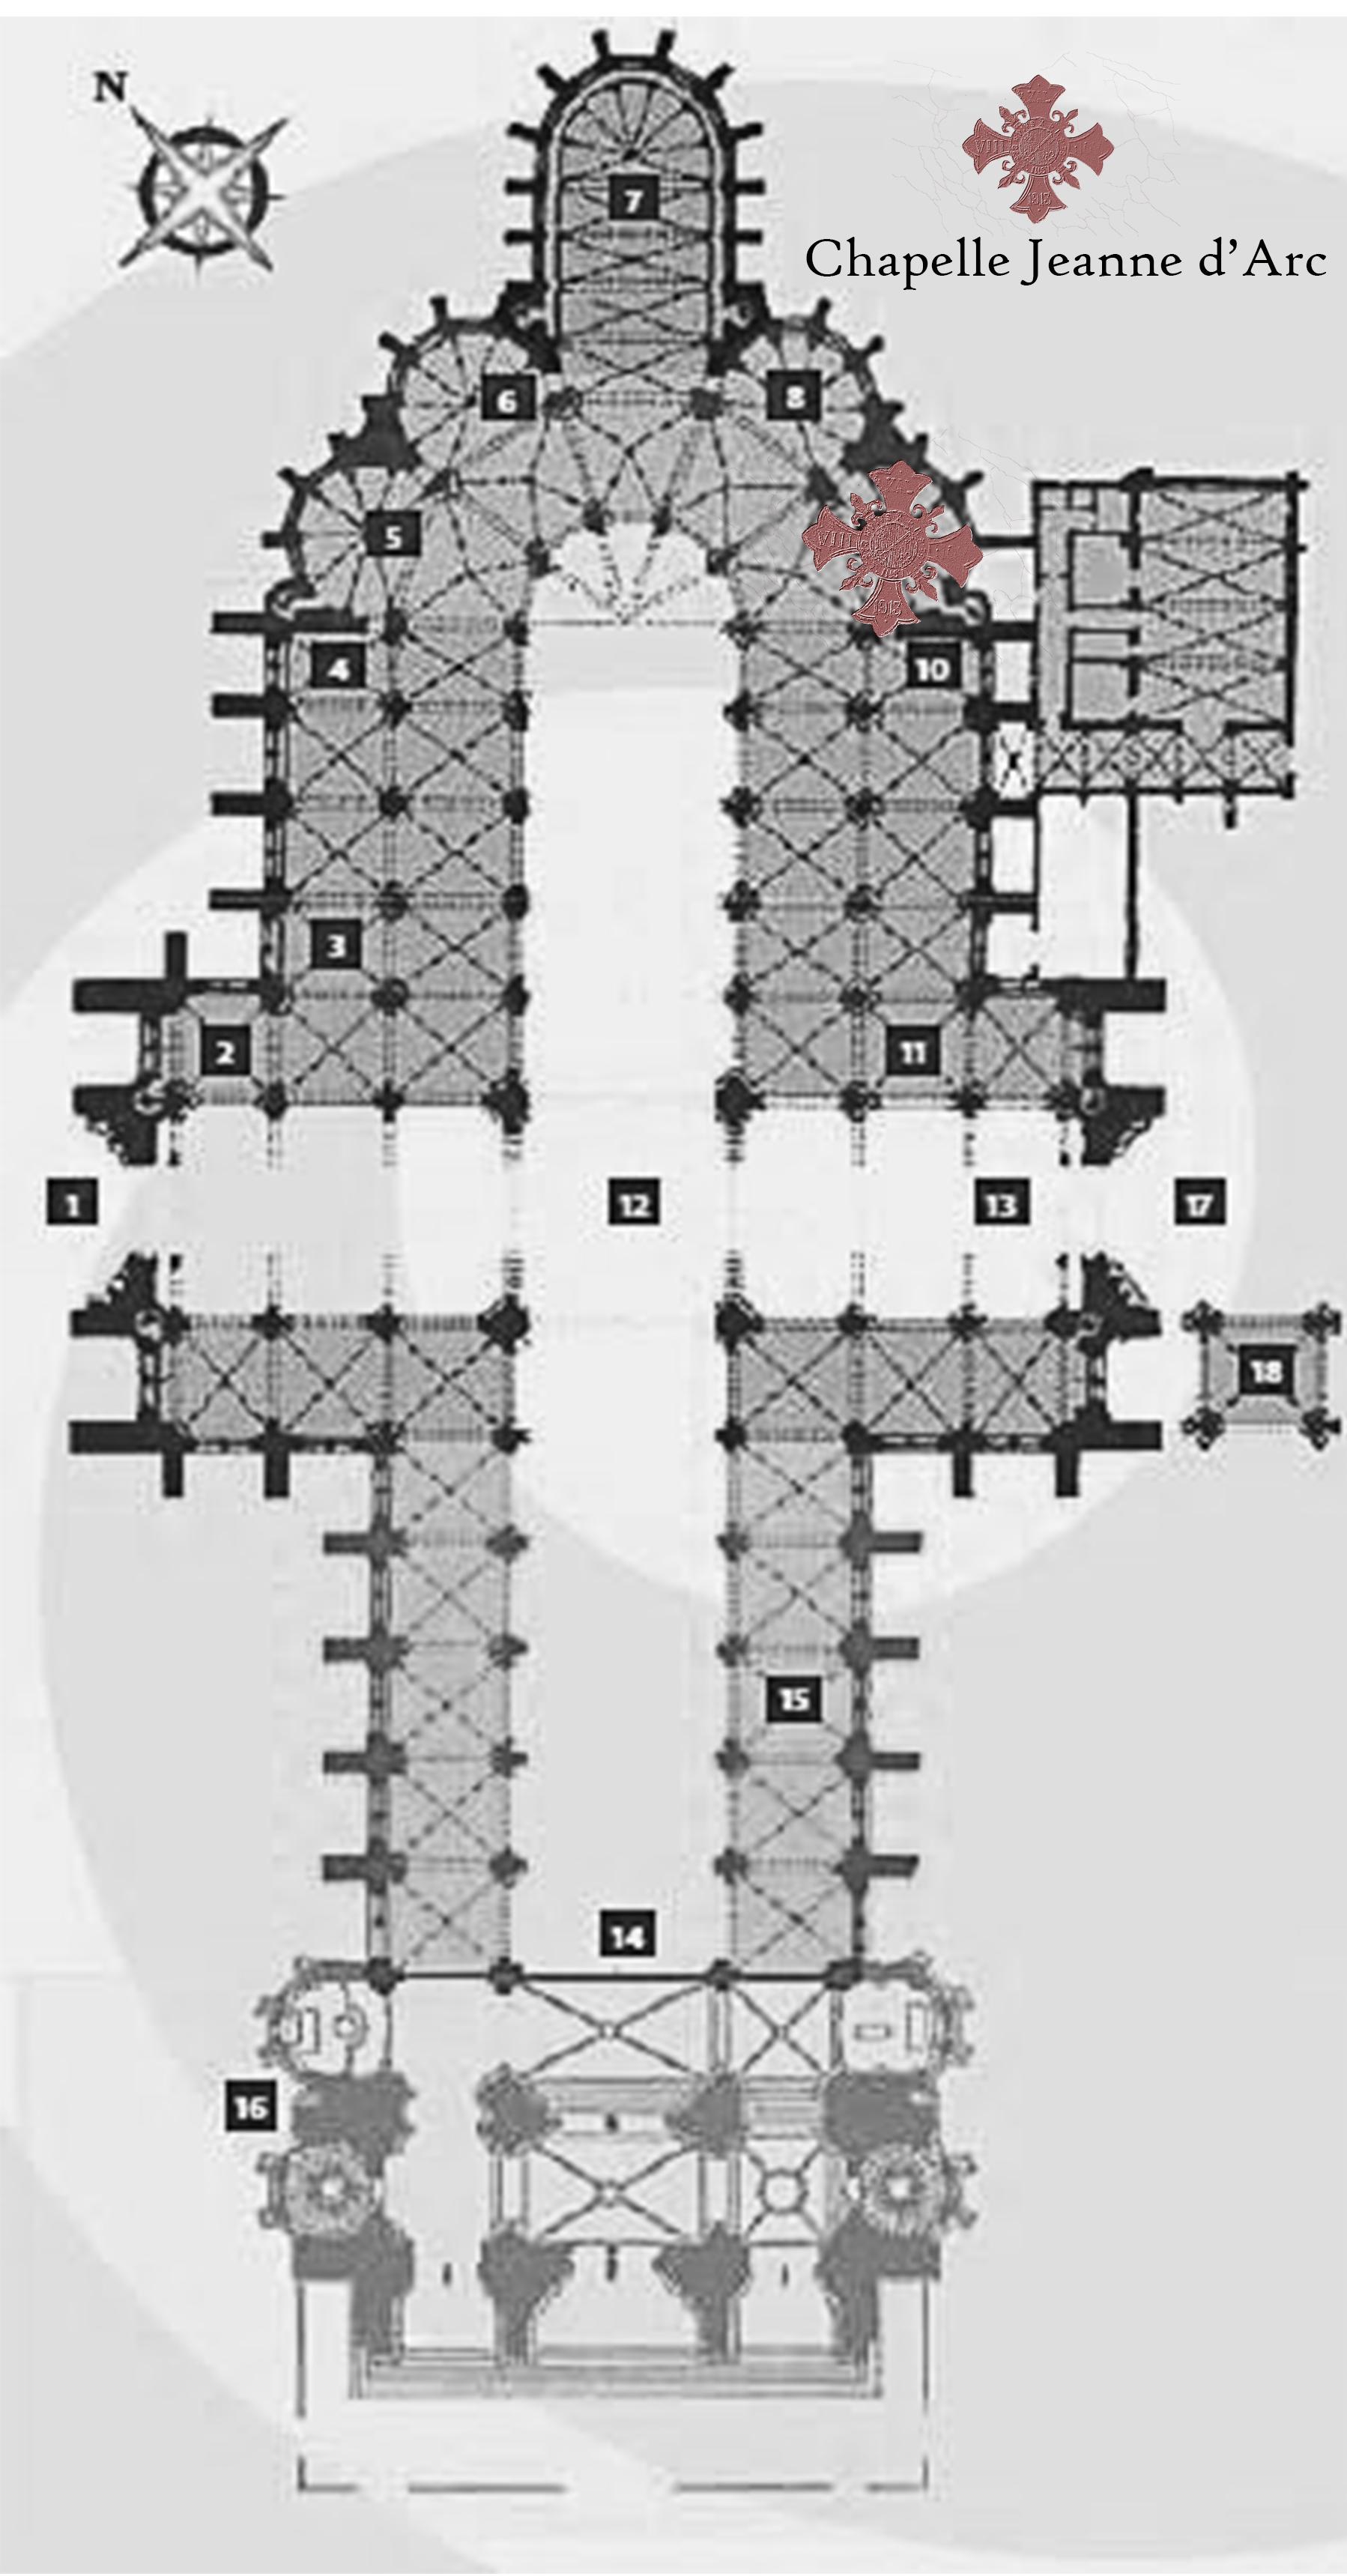 chapelle jeanne d arc